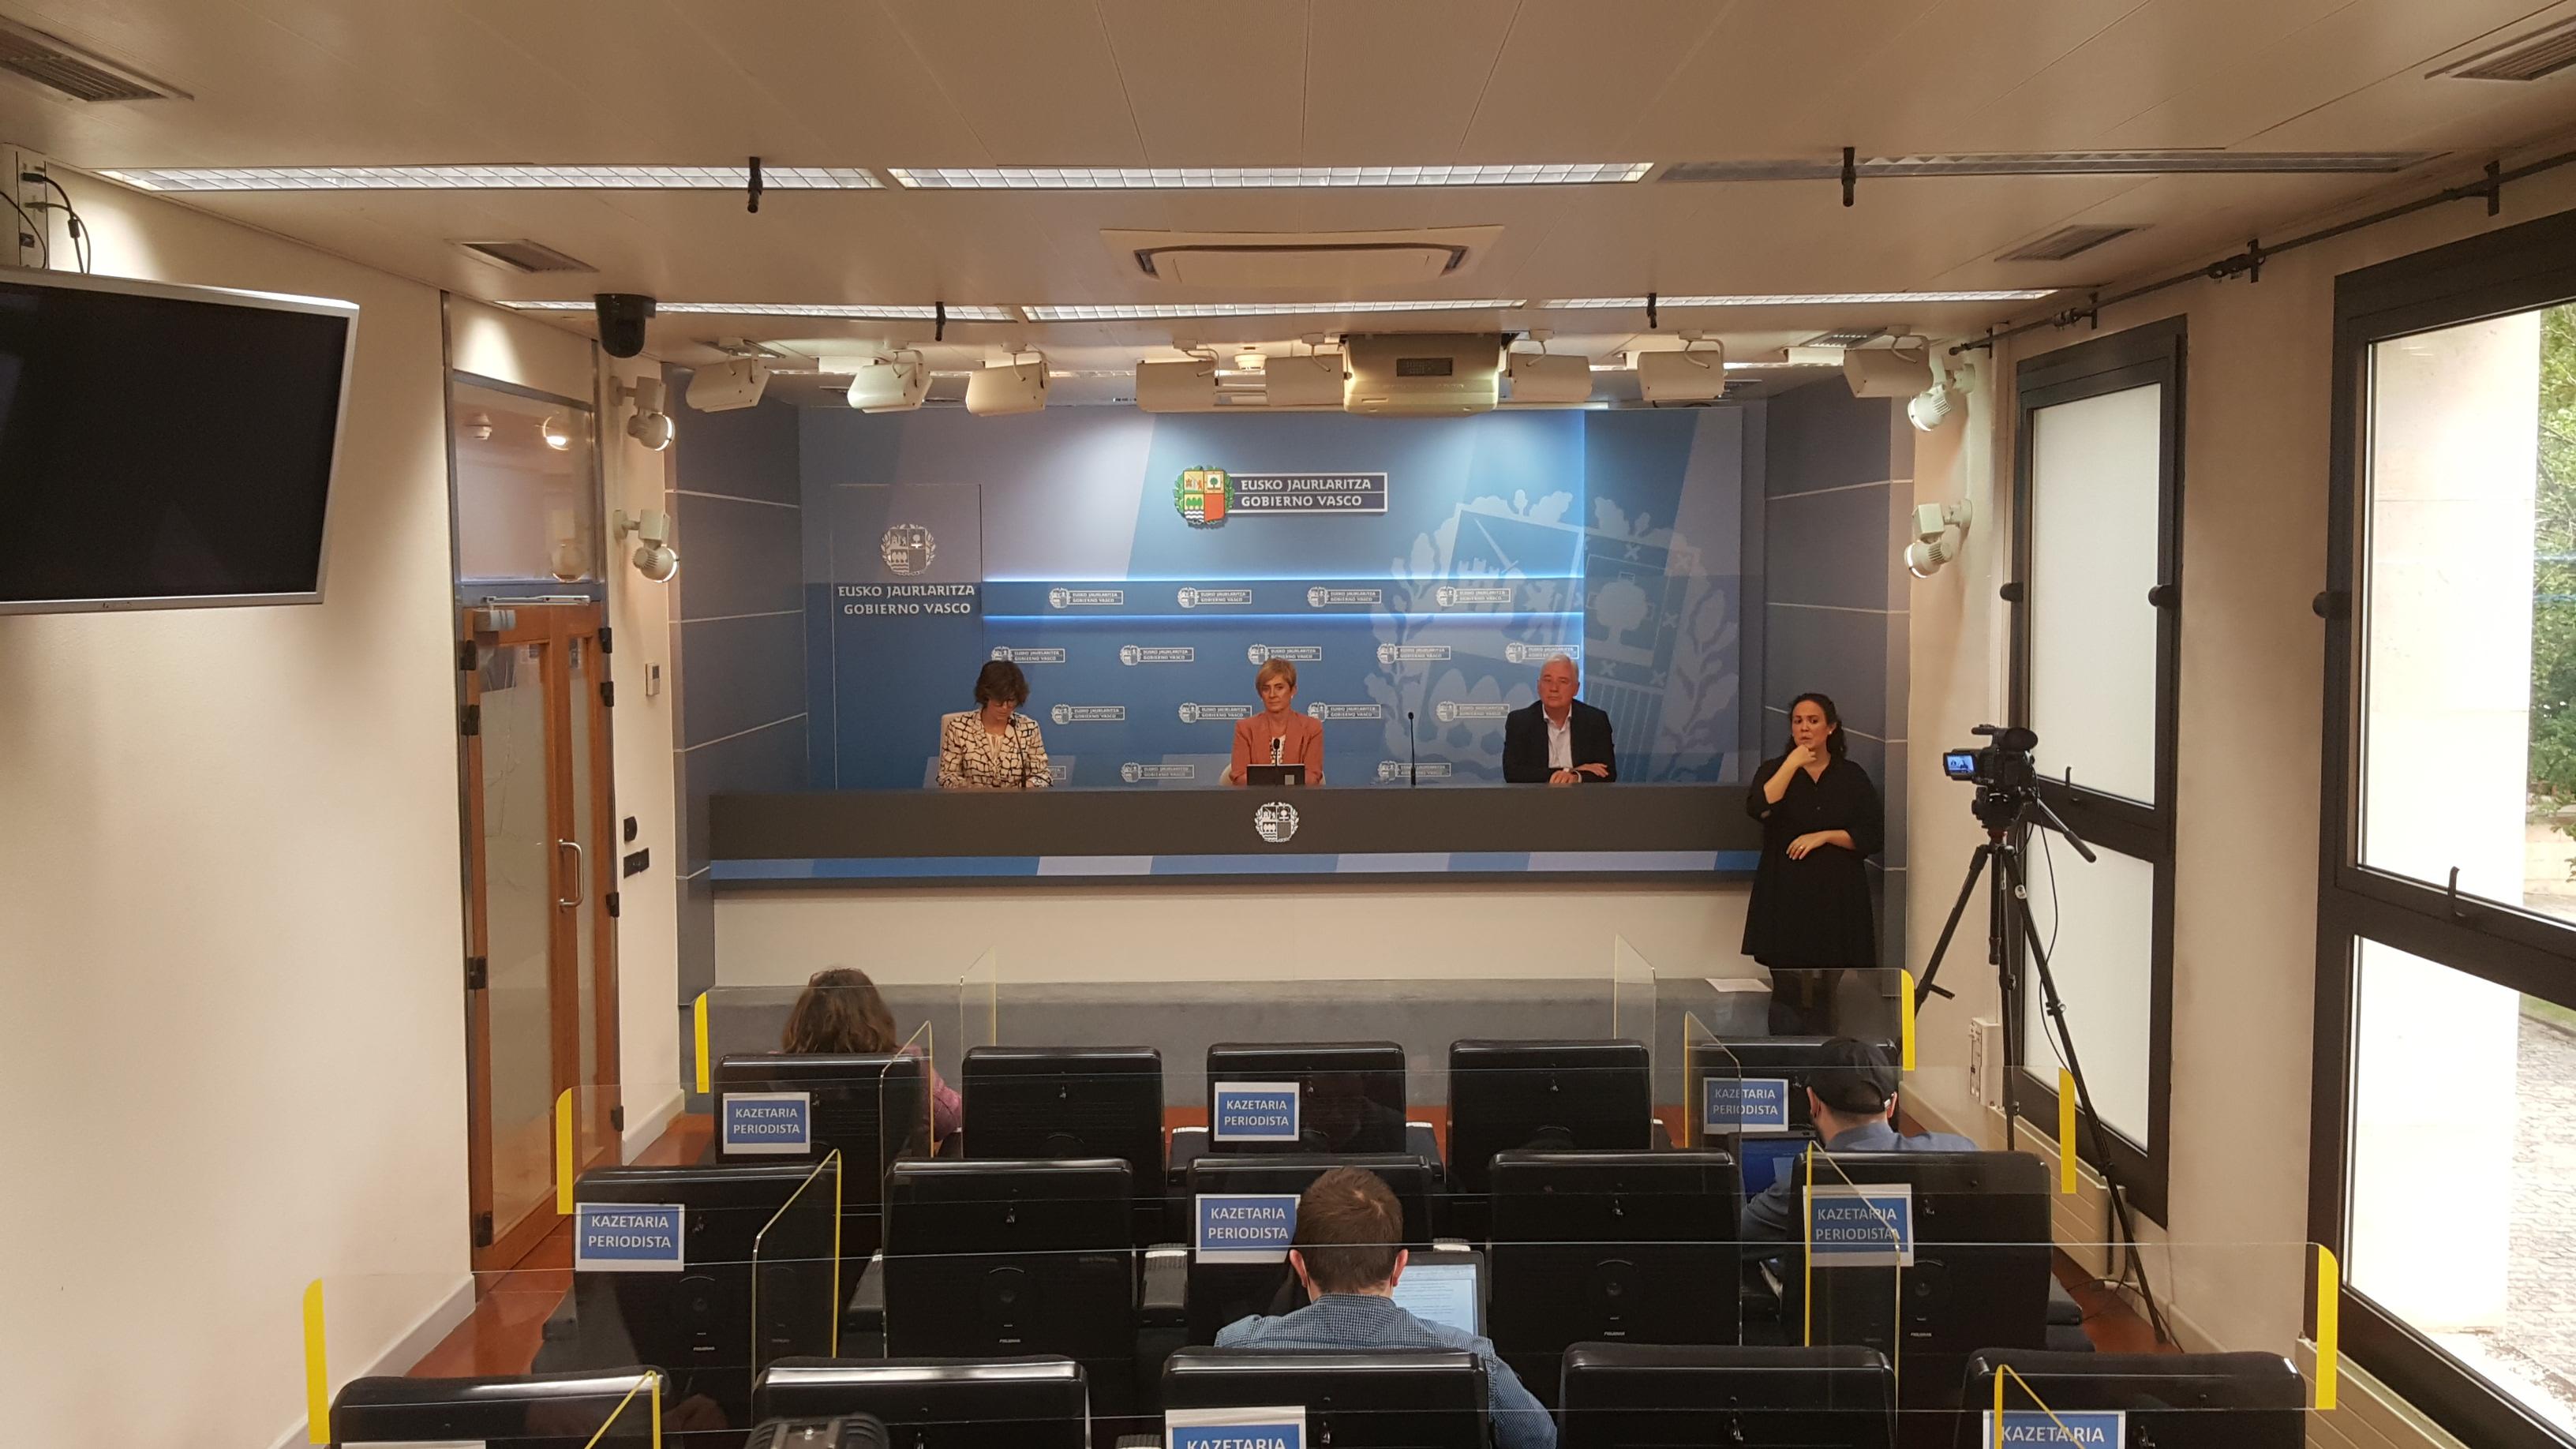 El cribado de posibles casos confirma COVID19 en el 30% de pacientes diagnosticados clínicamente en Euskadi durante el pico de la pandemia [46:19]